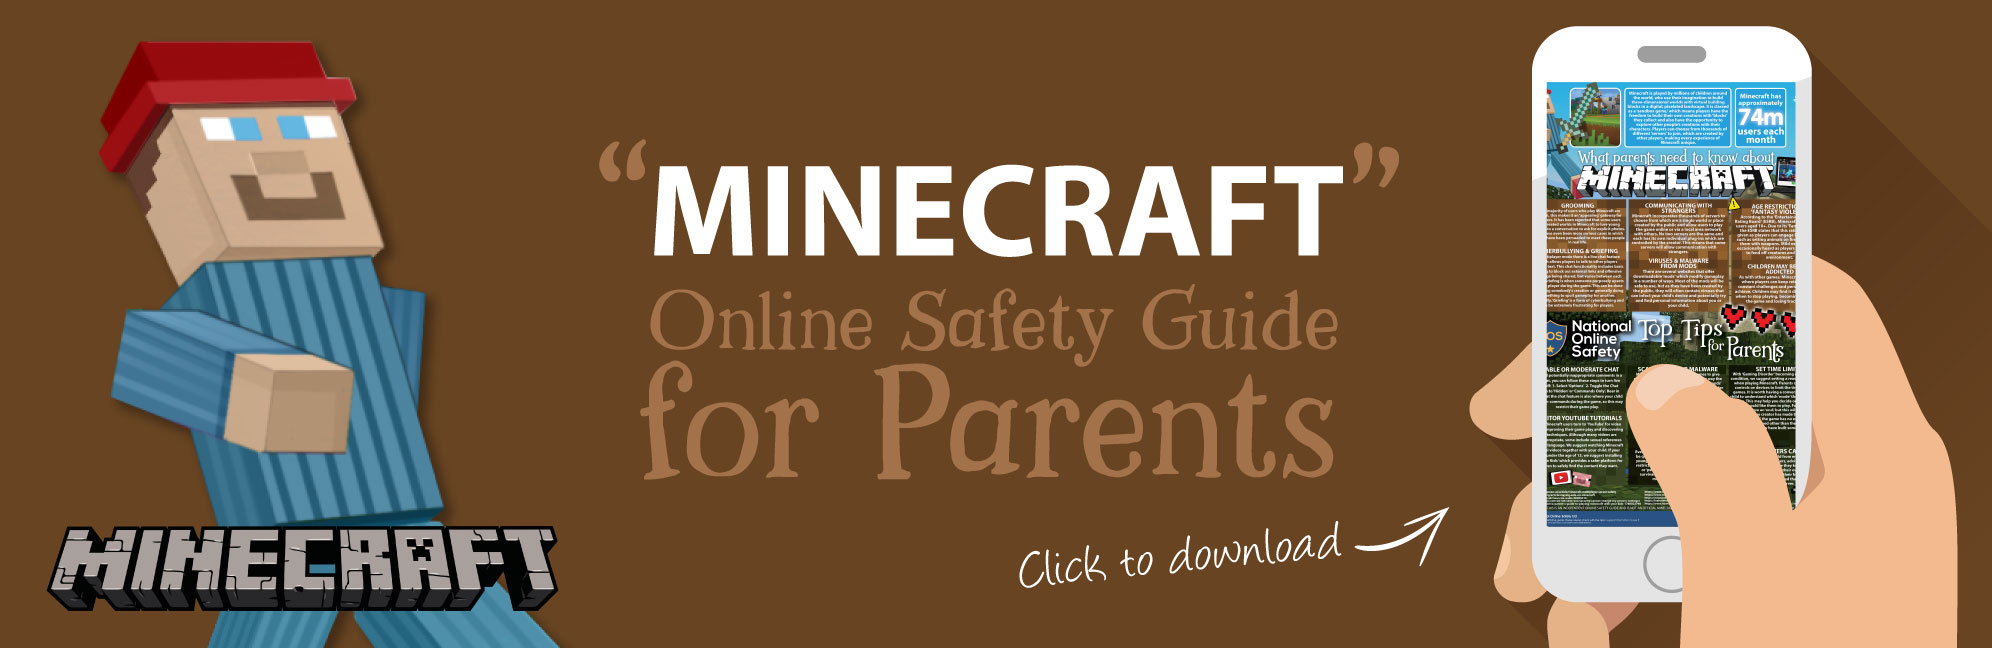 Minecraft-Online-Safety-Parents-Guide-Web-Image-121118-V1